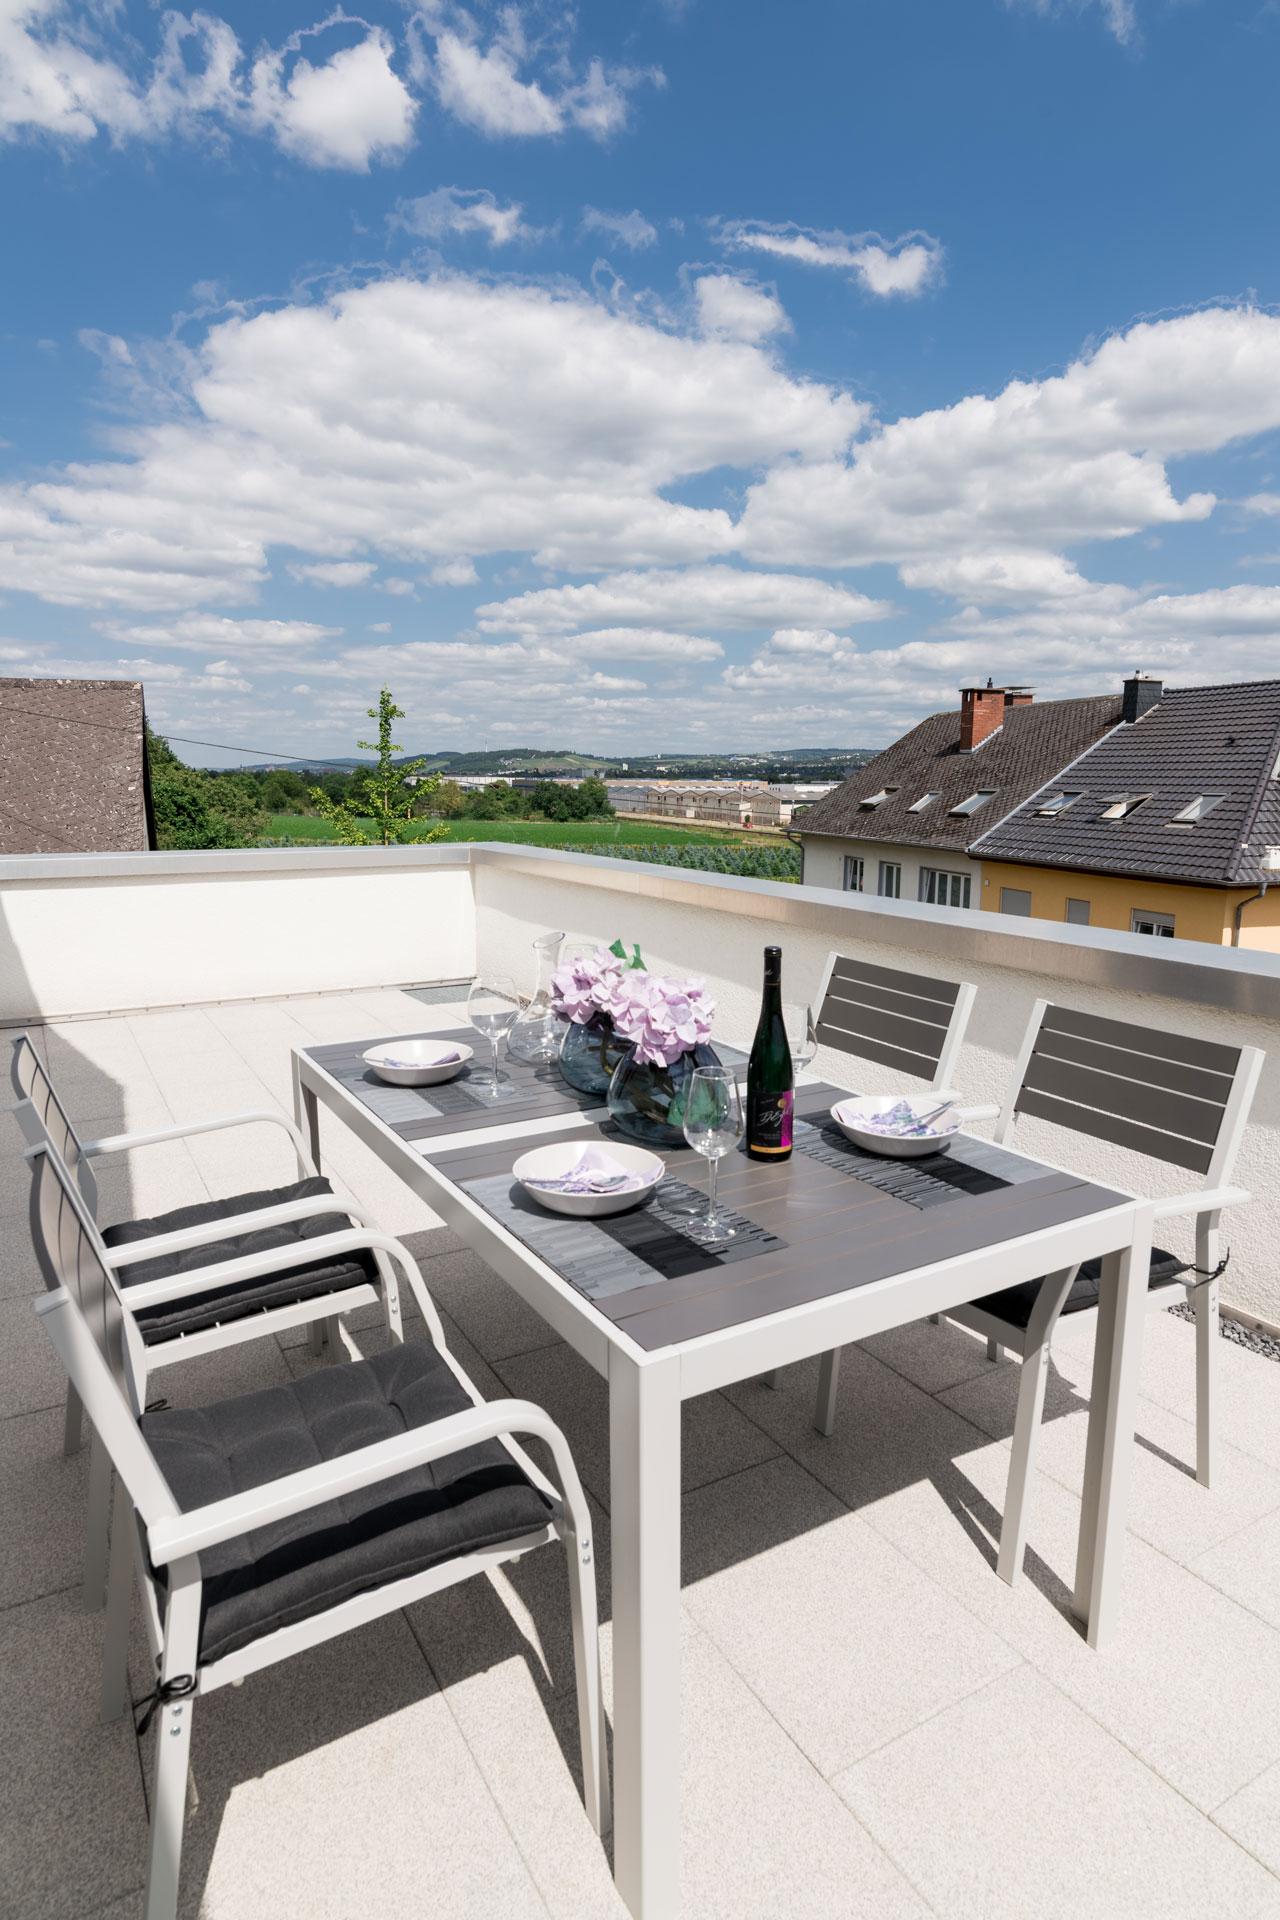 PlusFewo-Penthouse-Trier-Ferienwohnung-Terrasse